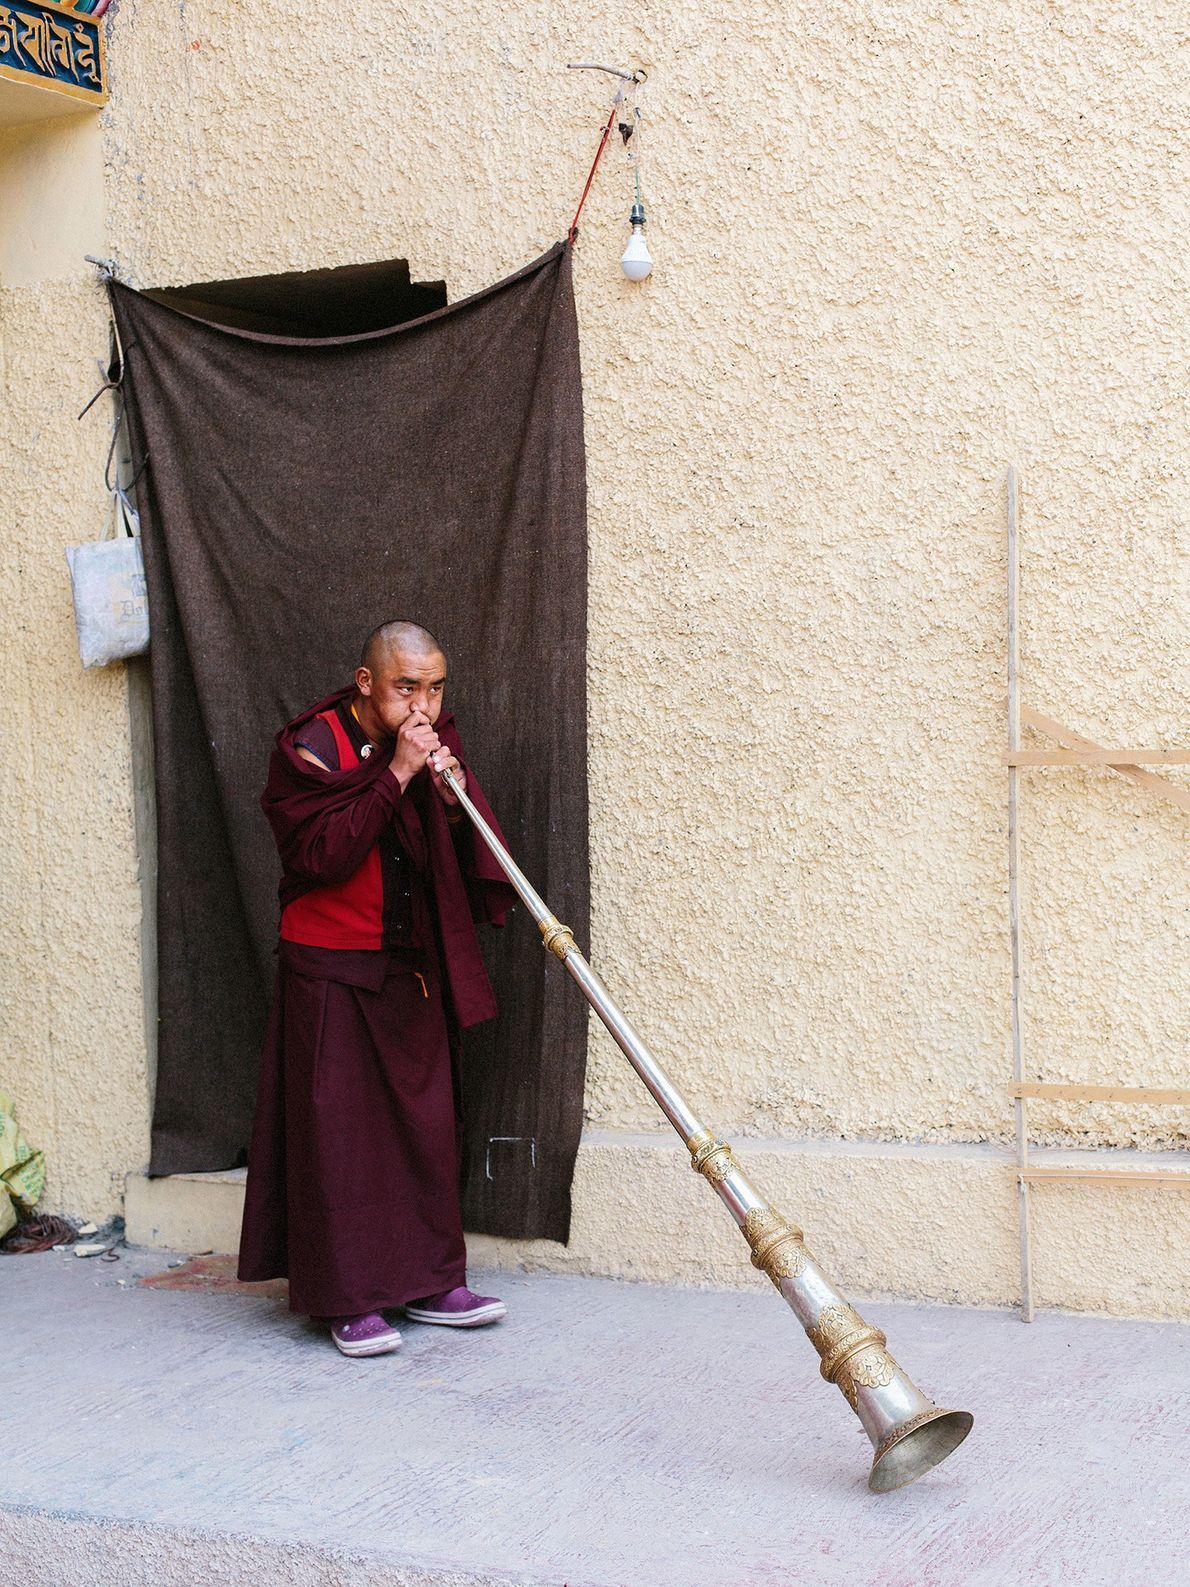 Dans le monastère Karma Dupgyud Choelingk, un jeune moine souffle dans une trompette cérémonielle, appelée dungchen.